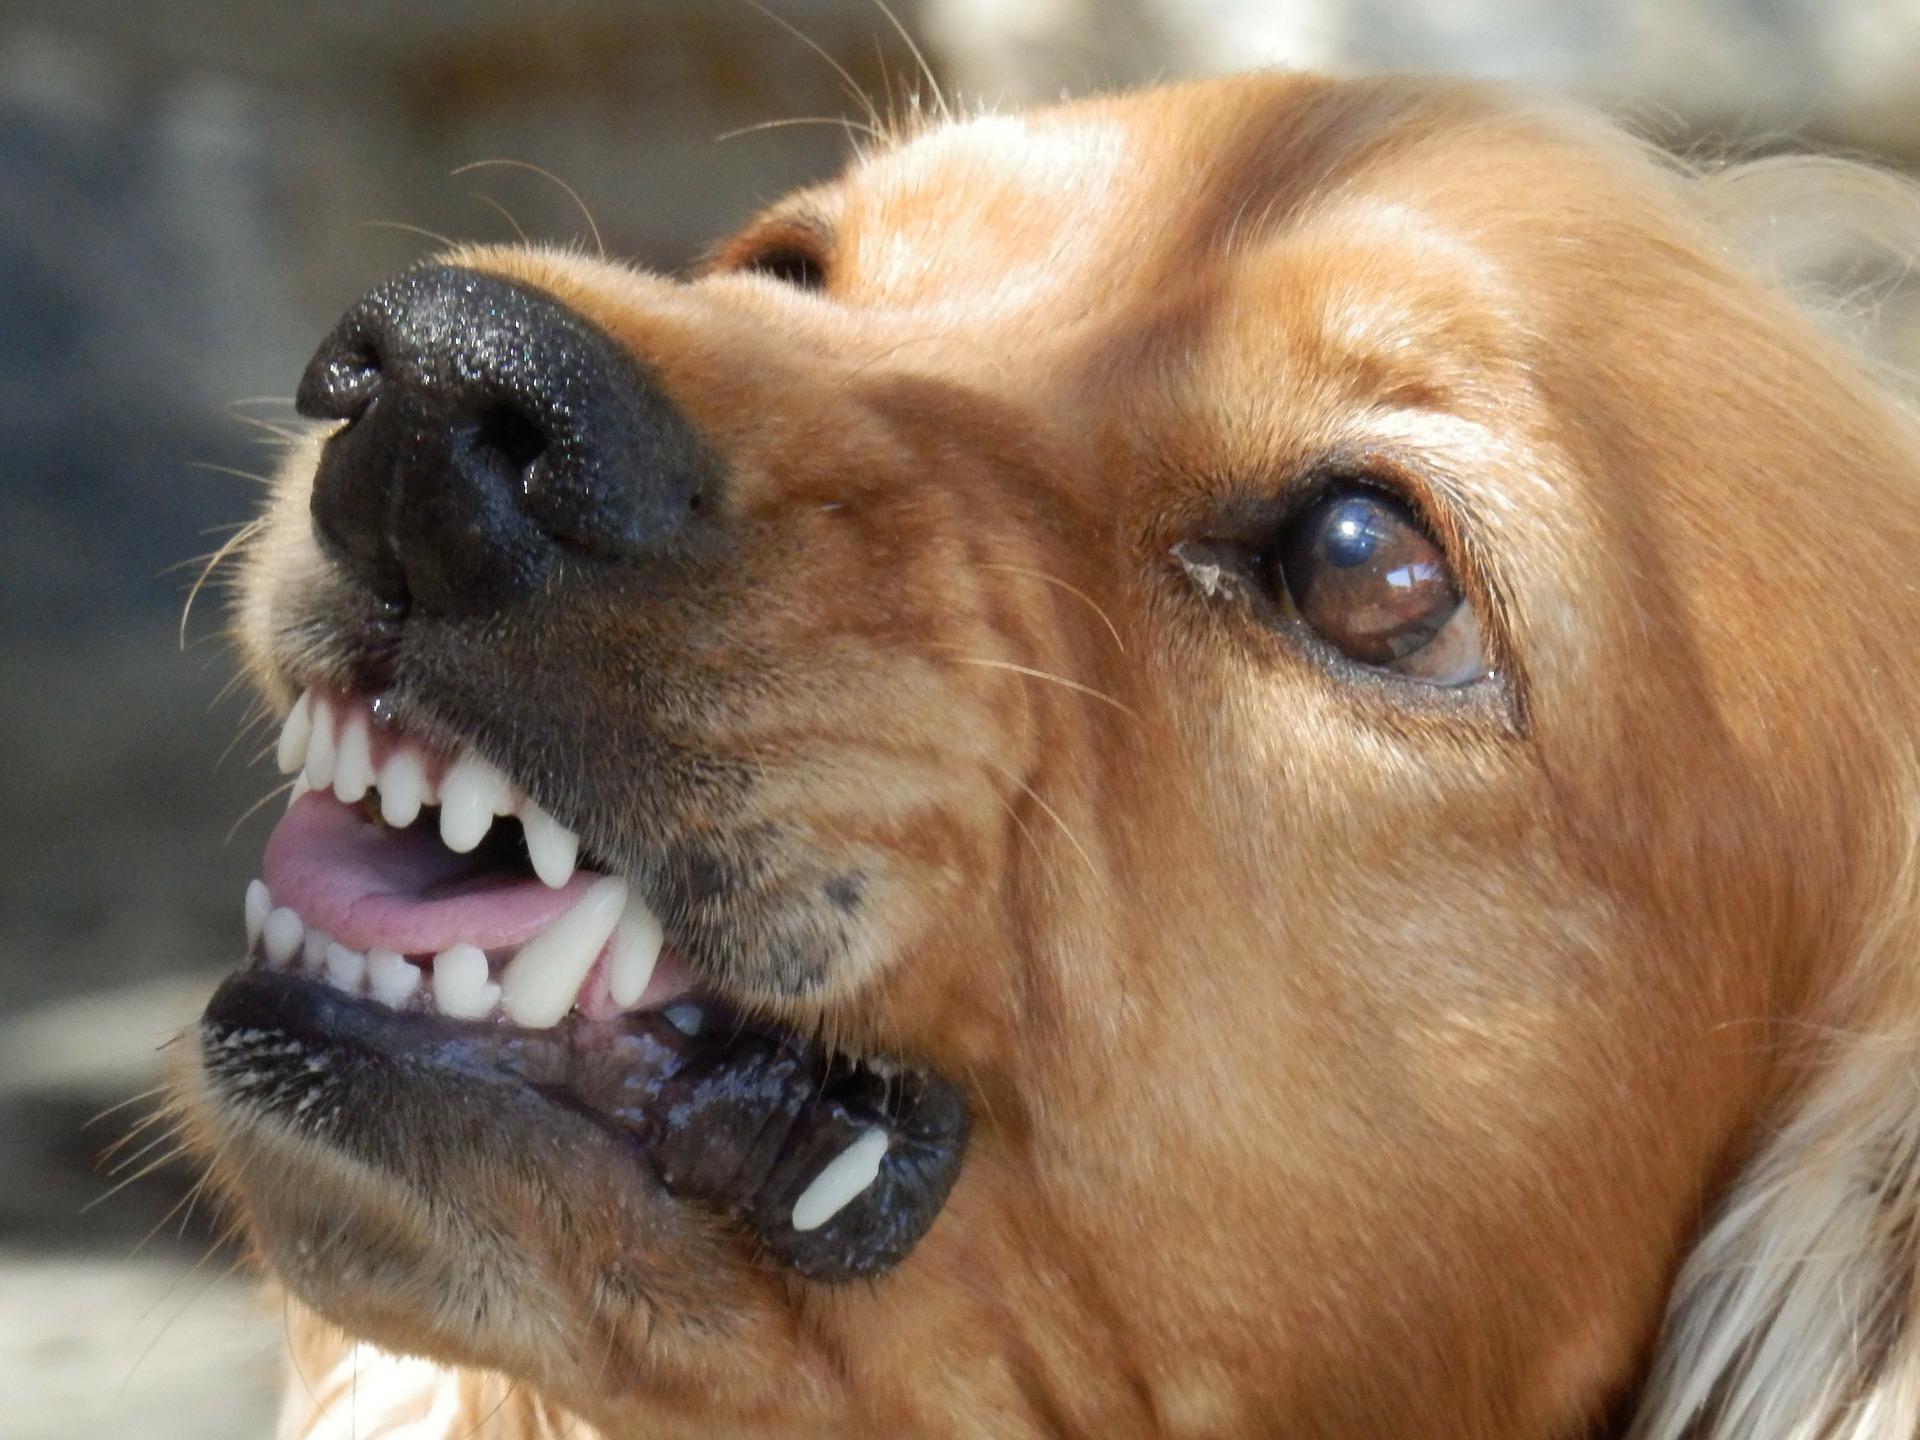 Un perro enseñando los dientes